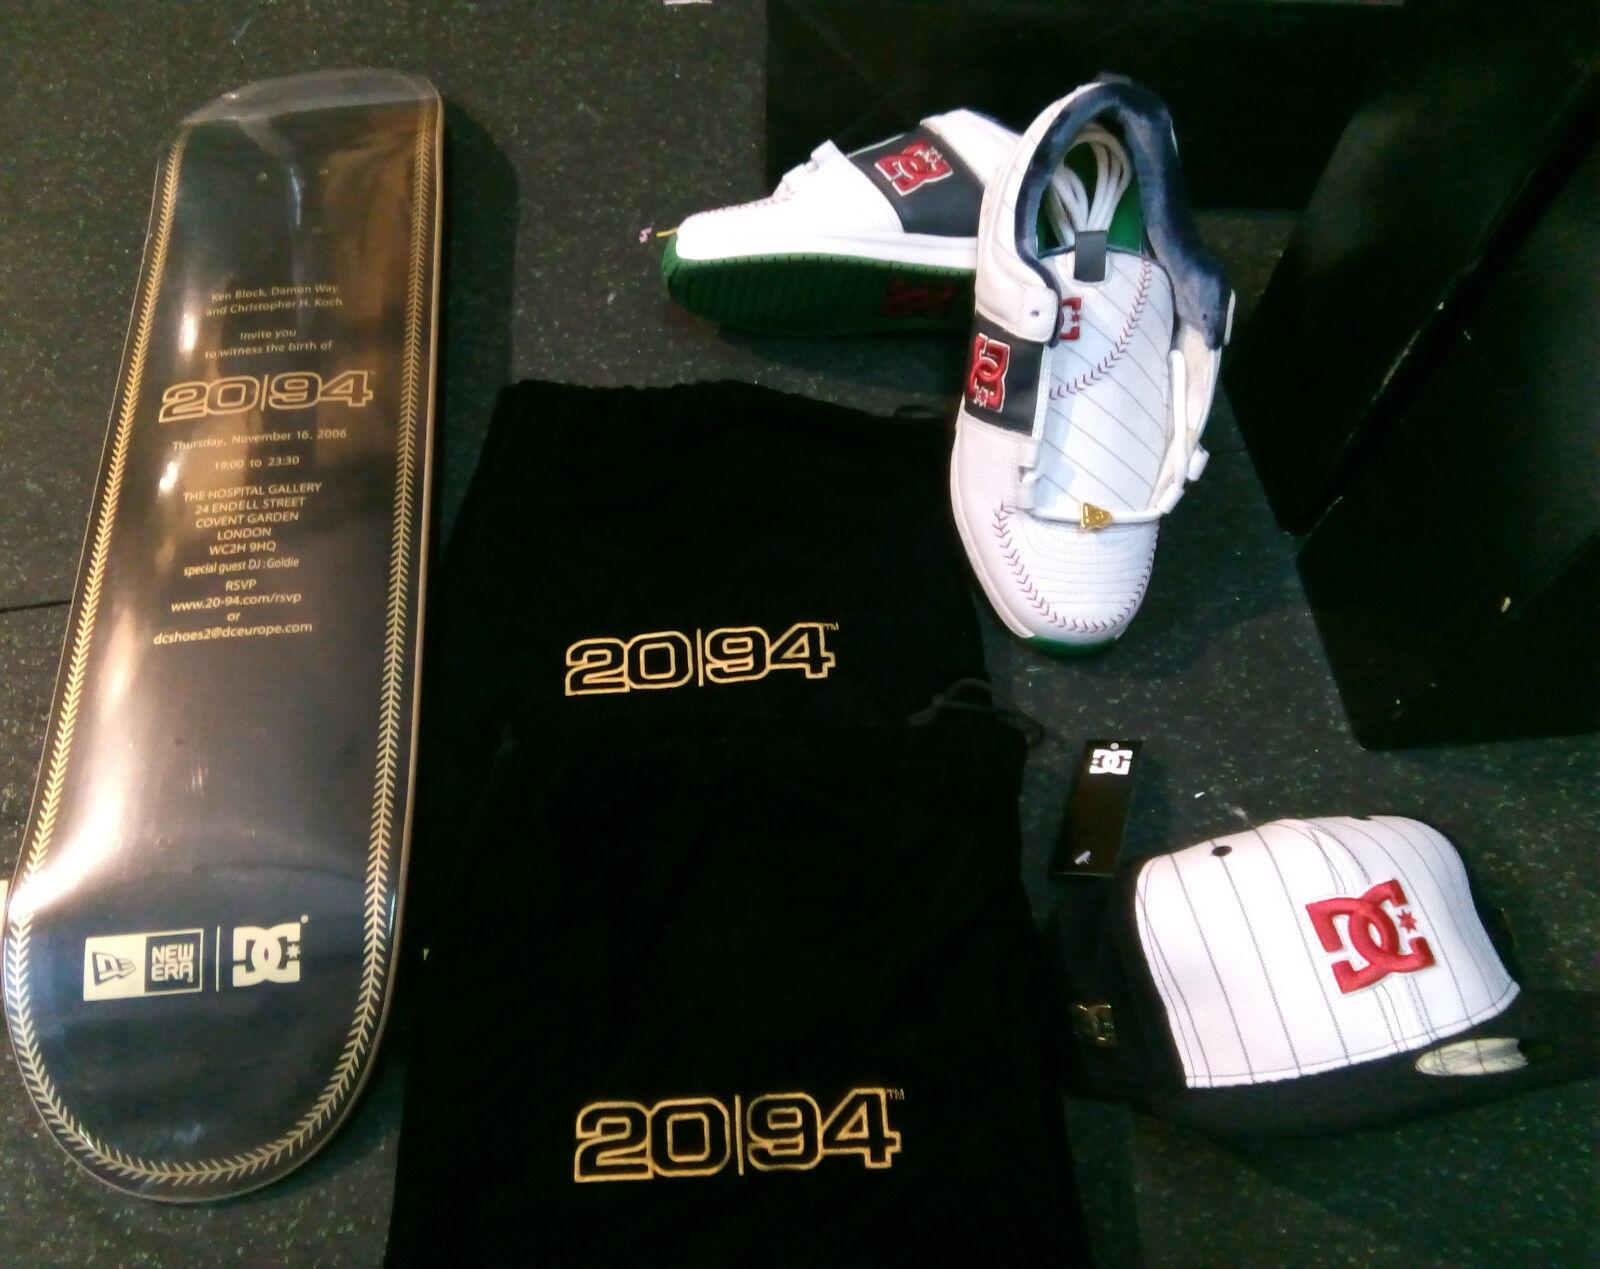 DC SHOES Lynx 2 Chaussures De Skate 2006 USA 11 New Era Cap 2094 & SKATEDECK RARE